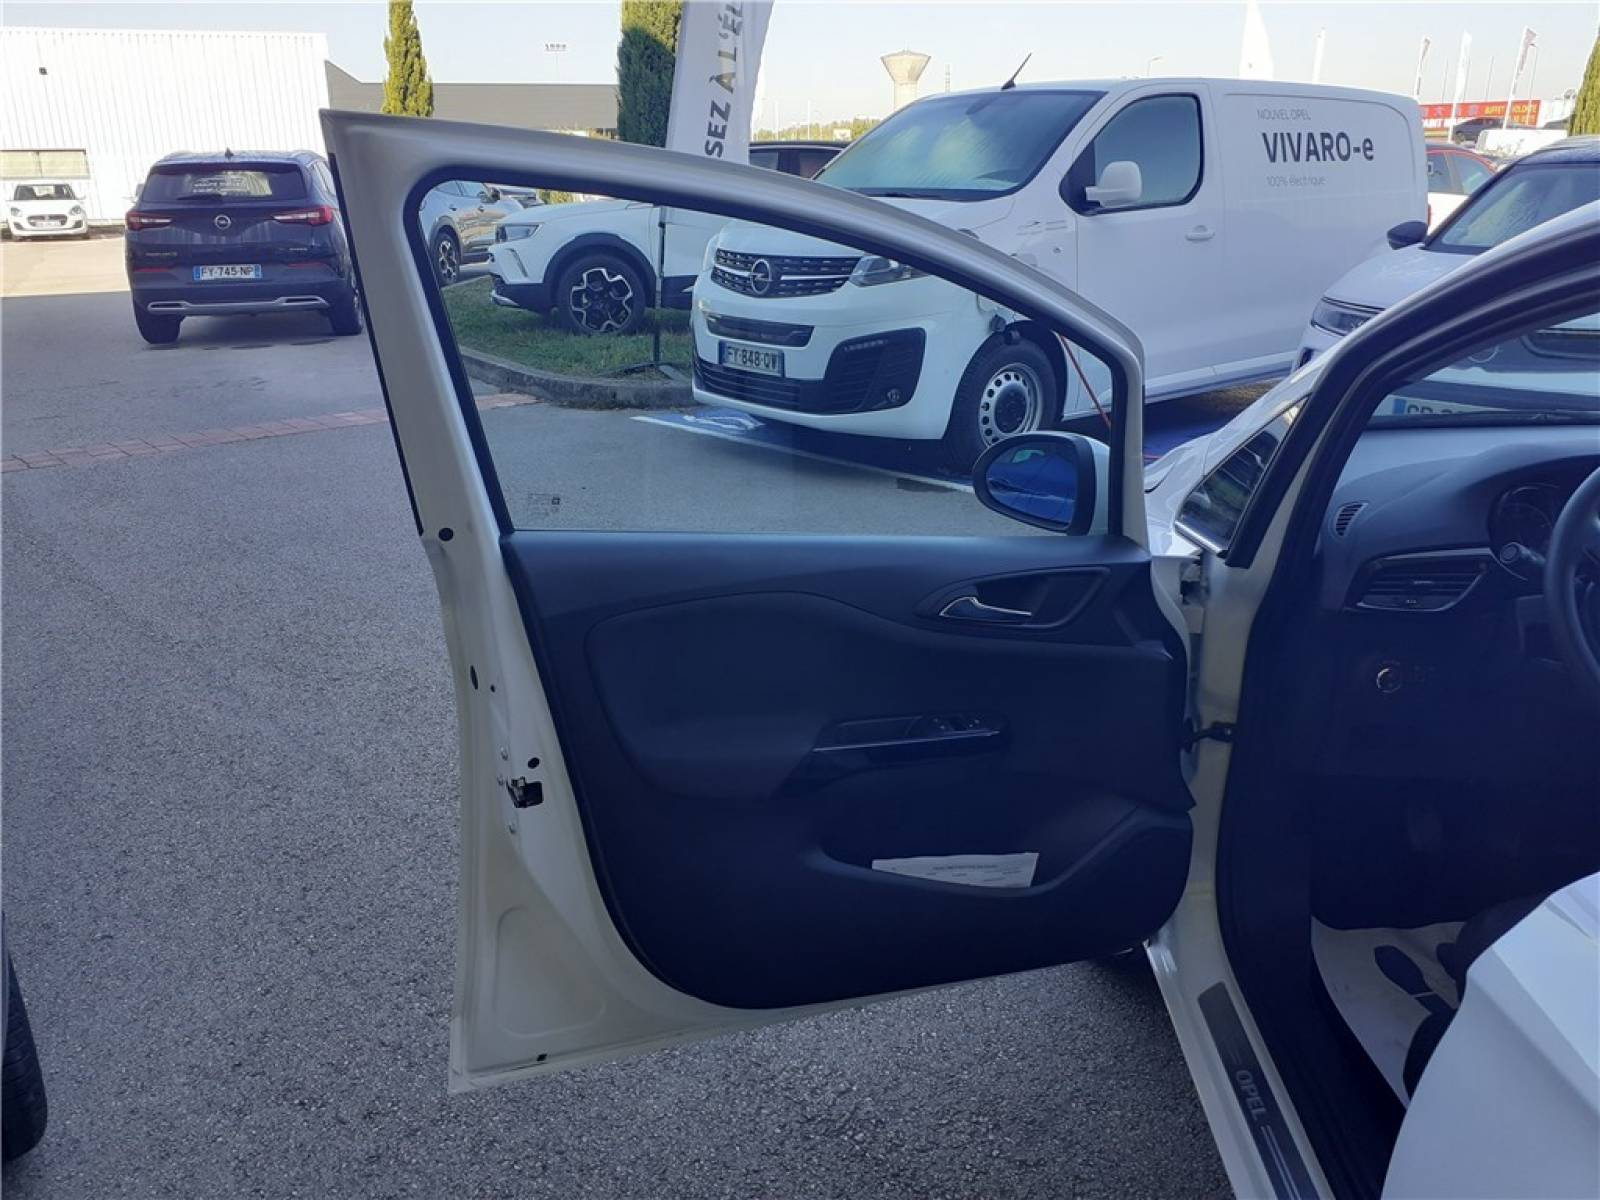 OPEL Corsa 1.0 Ecotec Turbo 90 ch - véhicule d'occasion - Groupe Guillet - Opel Magicauto - Chalon-sur-Saône - 71380 - Saint-Marcel - 18